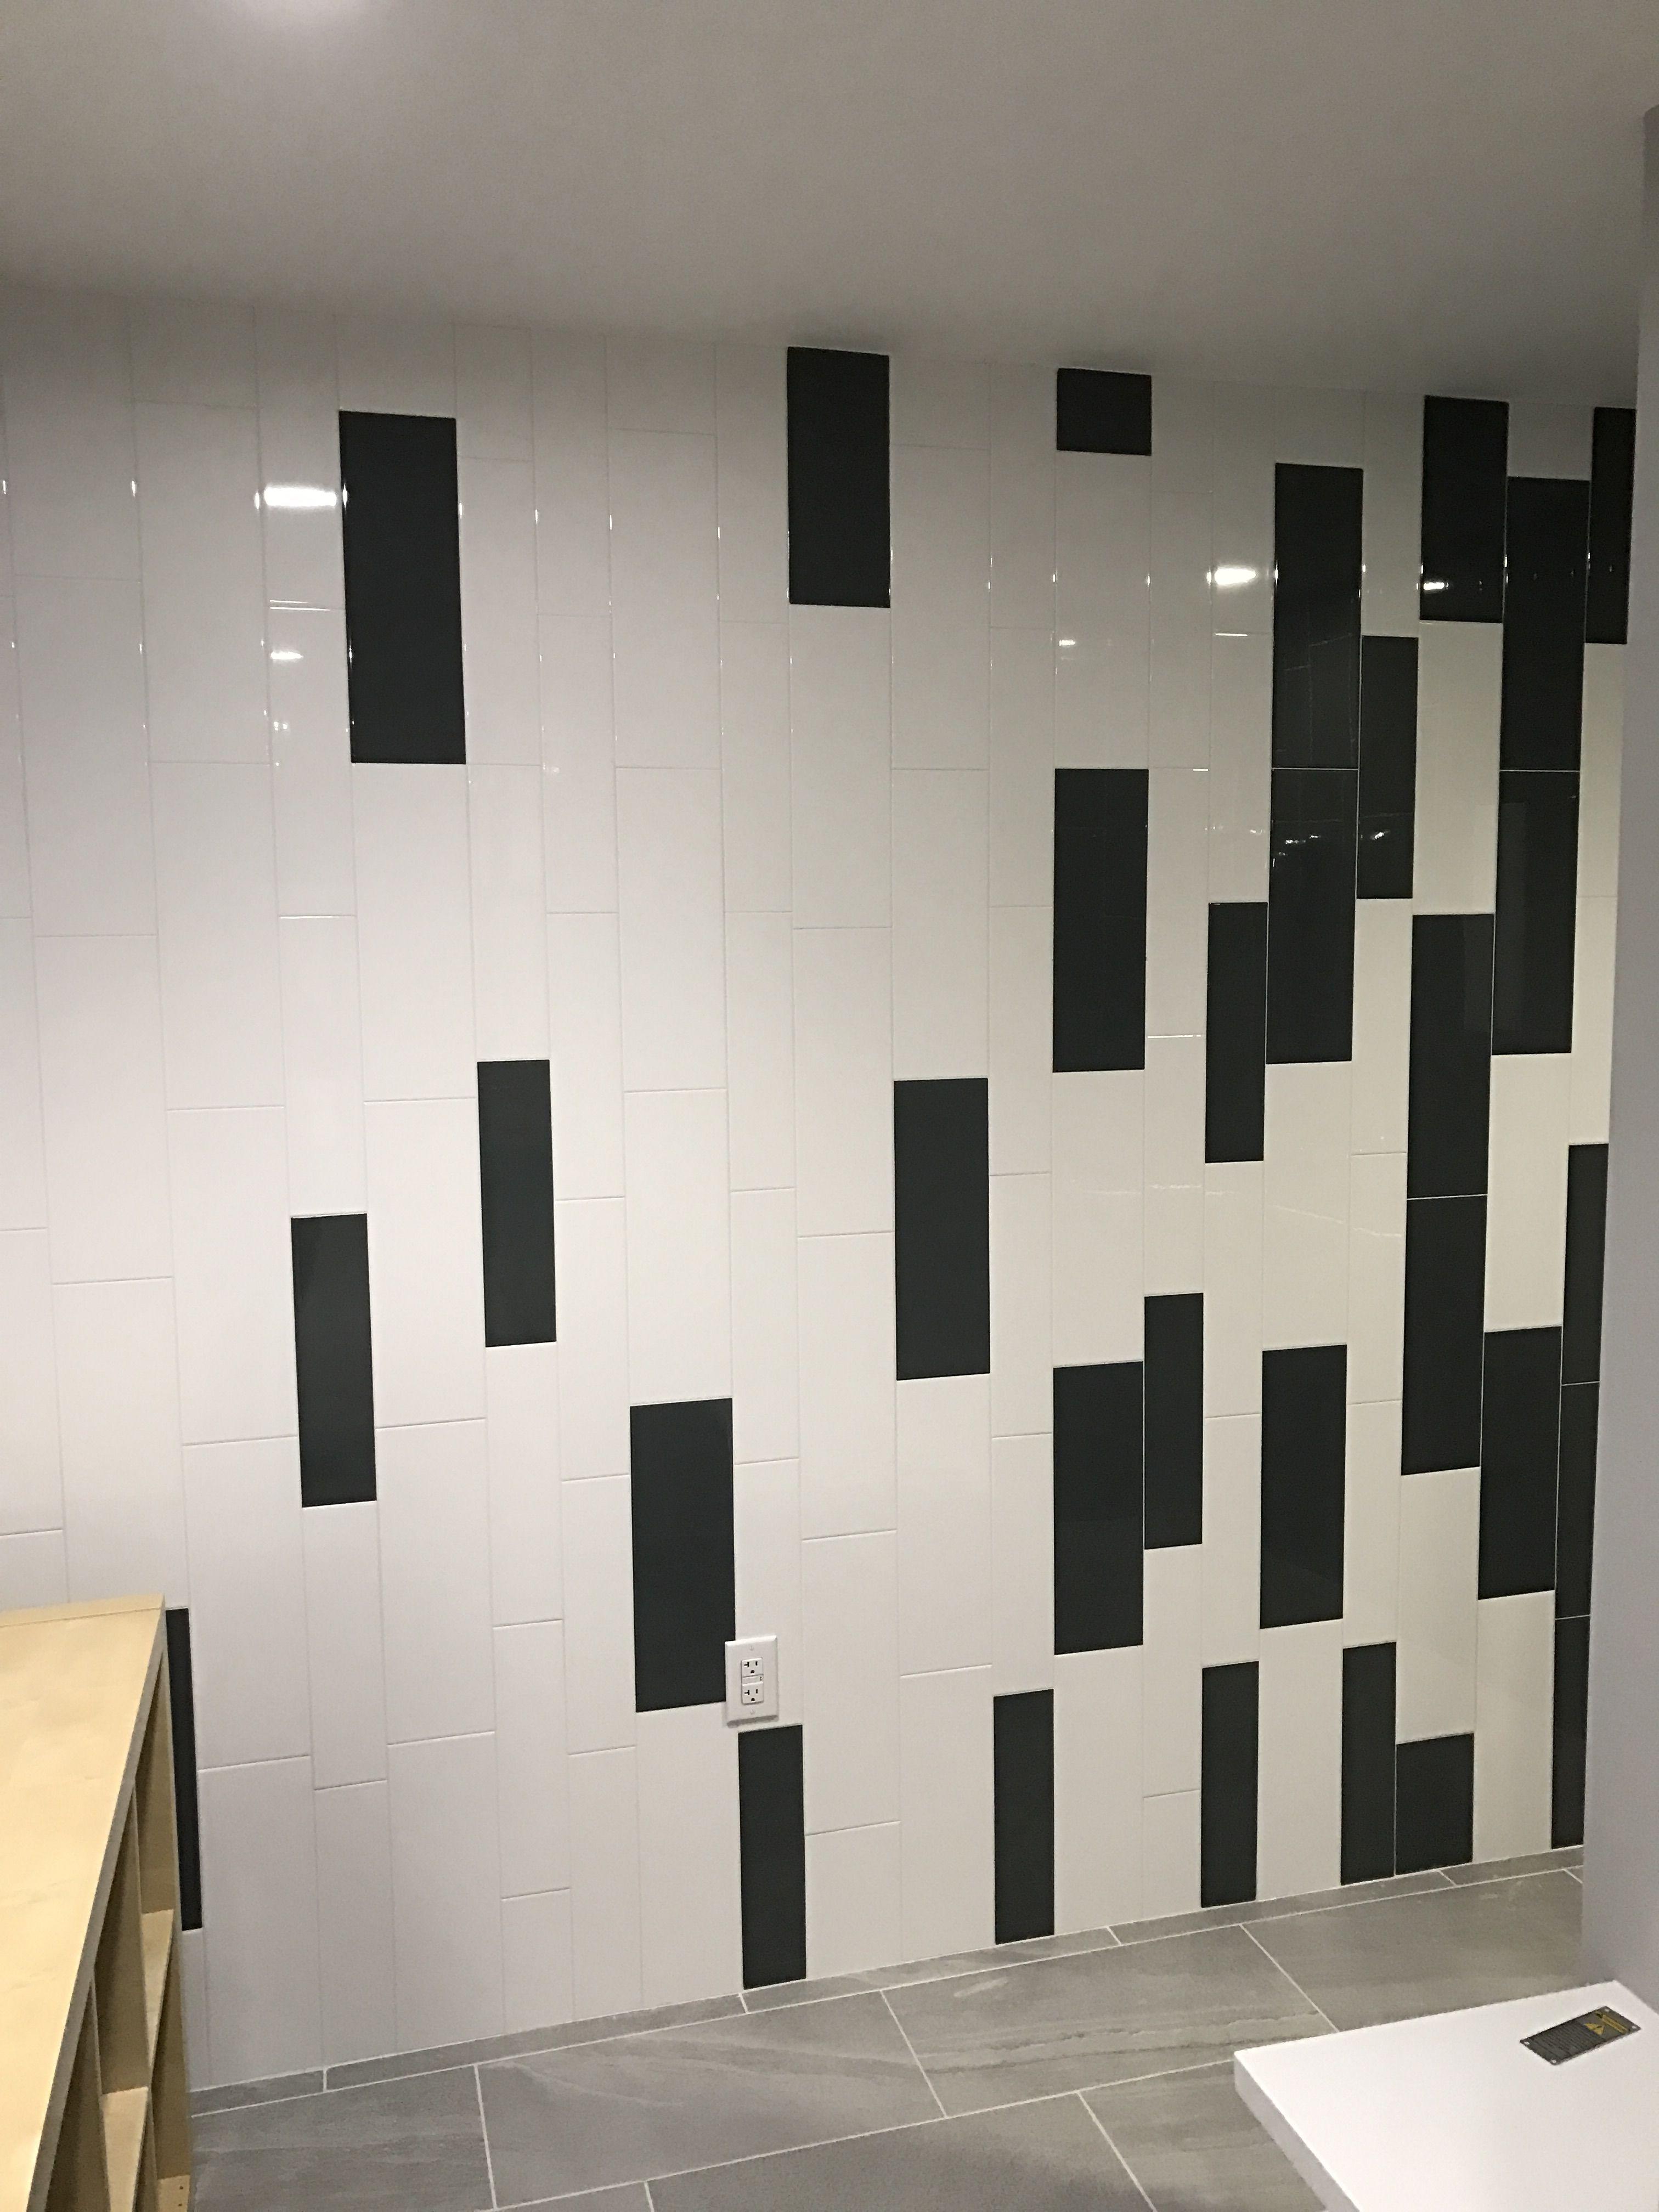 Large subway tile installed vertical daltile elevare el44 carbon large subway tile installed vertical daltile elevare el44 carbon el40 lunar size 6x18 dailygadgetfo Images